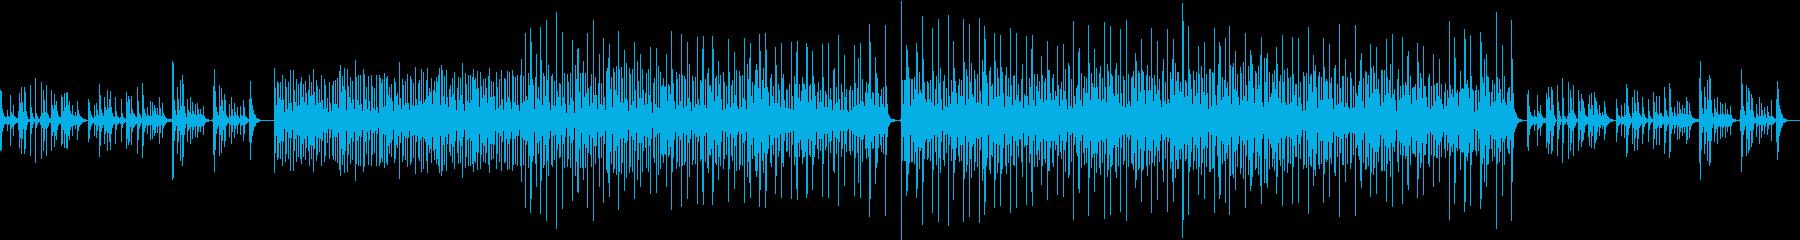 弦楽器と打楽器のどっしりとしたBGMの再生済みの波形